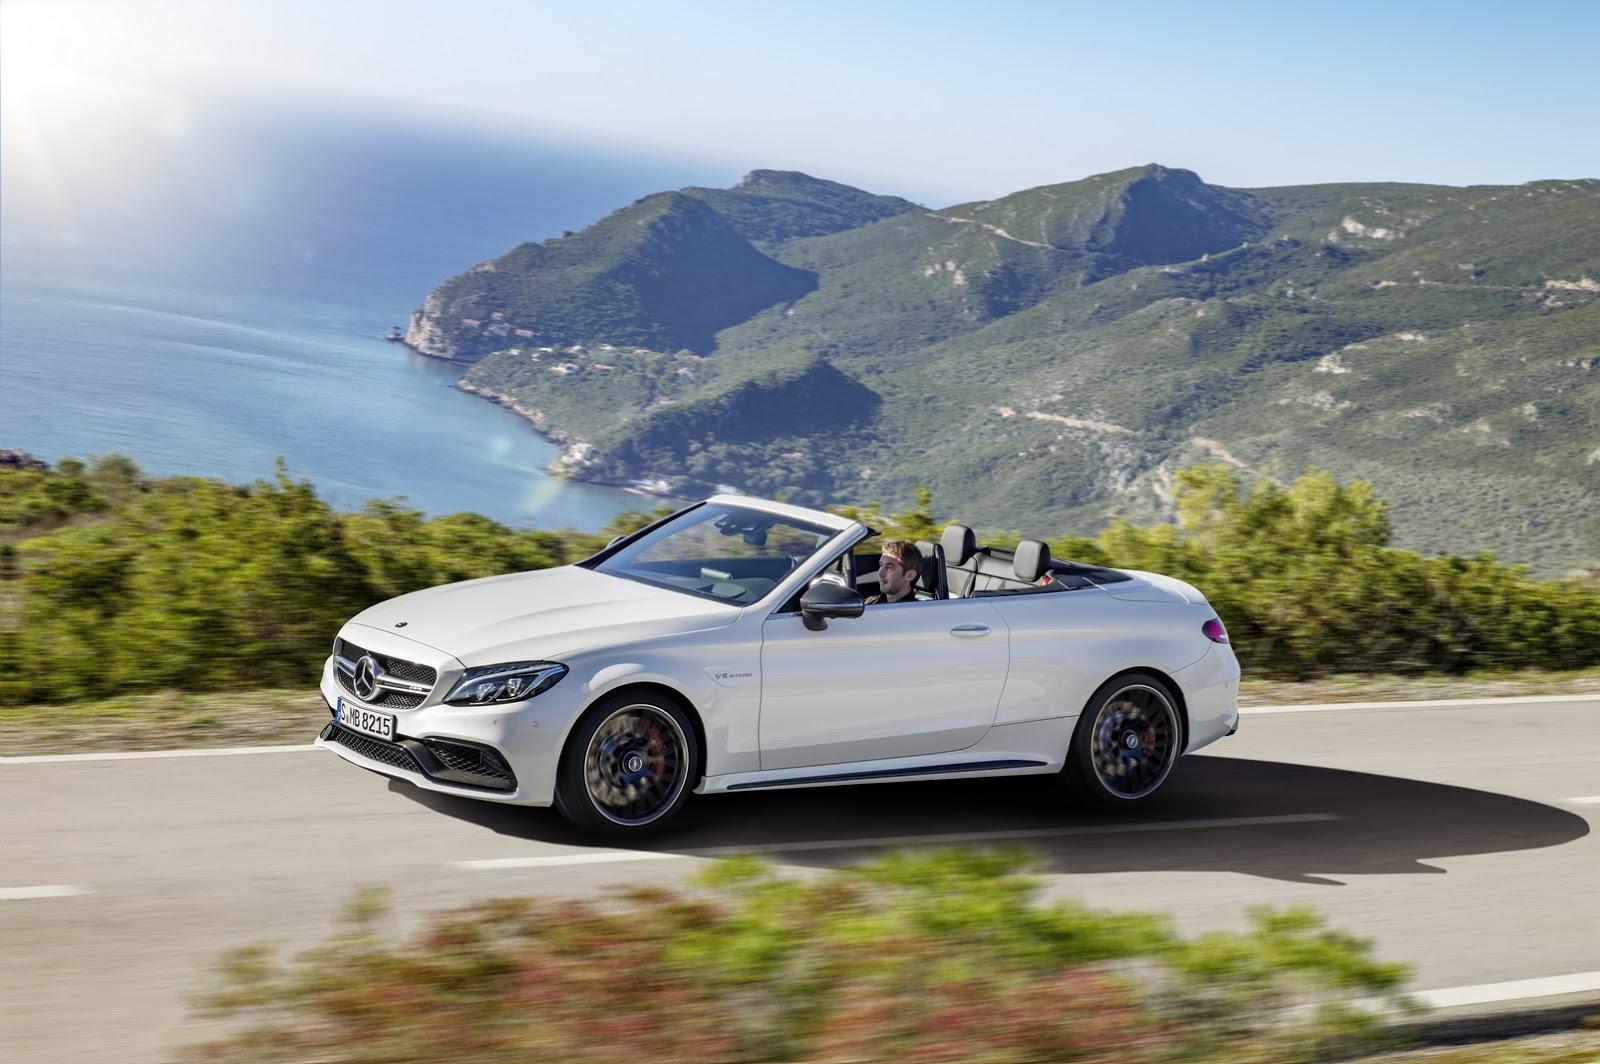 Mercedes-AMG C63 Cabriolet: La capota fuera y los 510 CV fuera 4